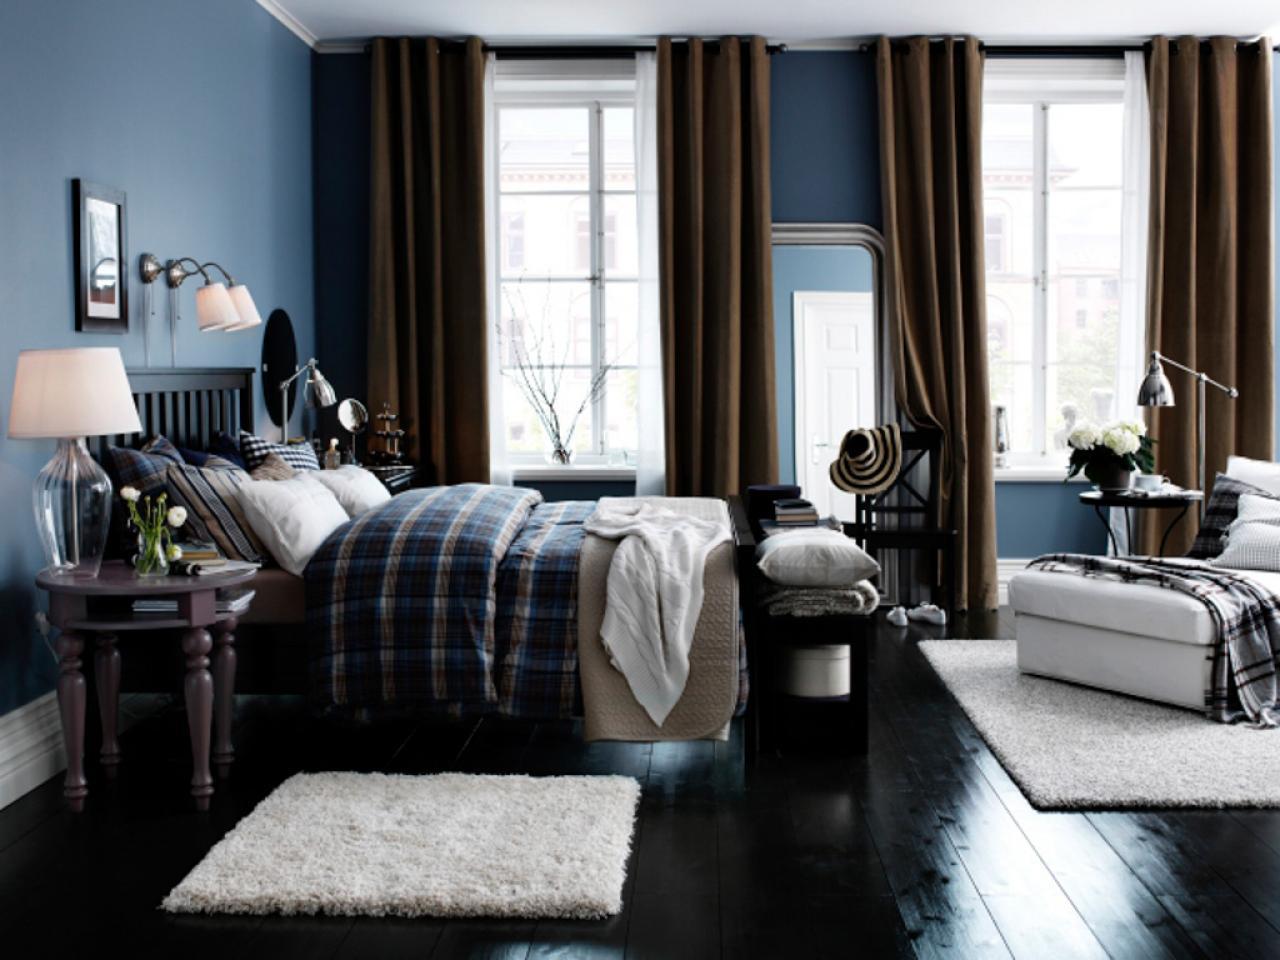 7 Best Bedroom Color Schemes For 2017 Decor Or Design